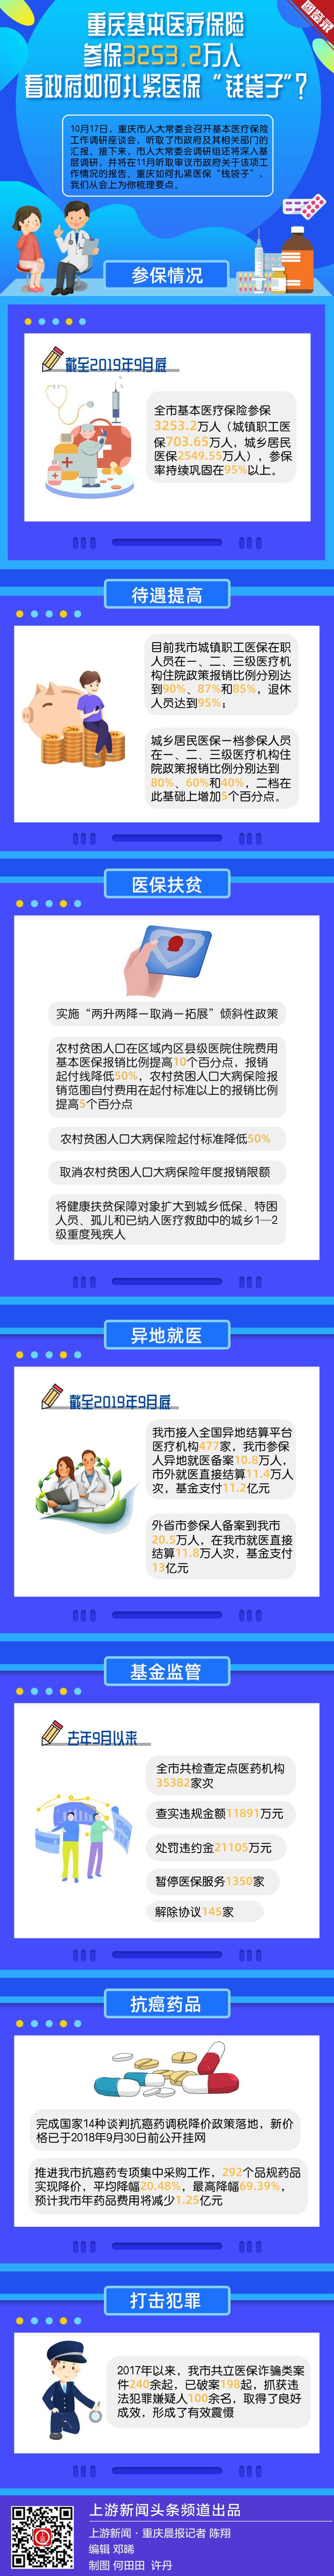 图鉴录丨关系到你的切身利益,重庆医保大数据了解下